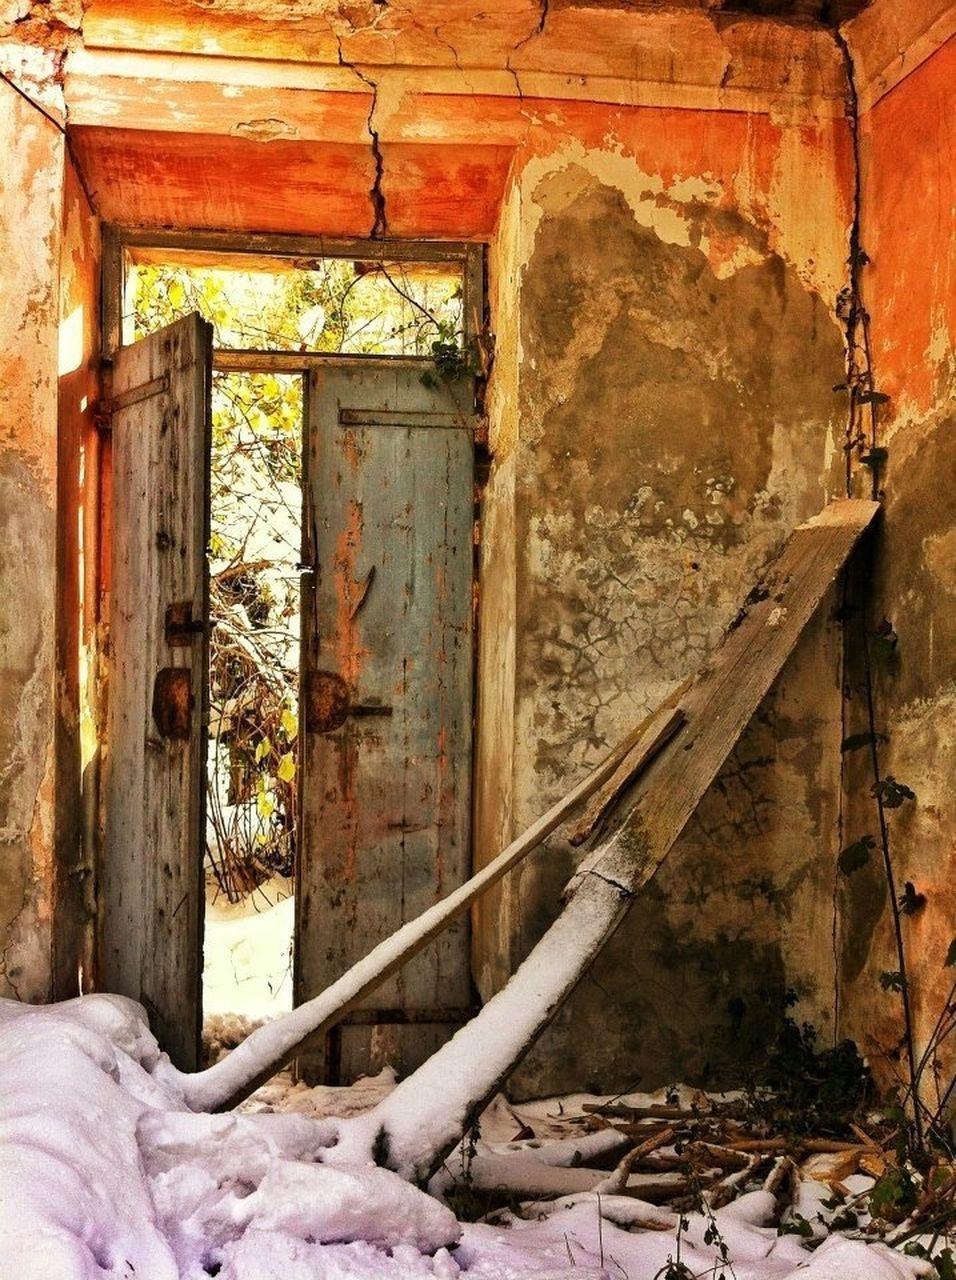 Open Door In Old Abandoned House